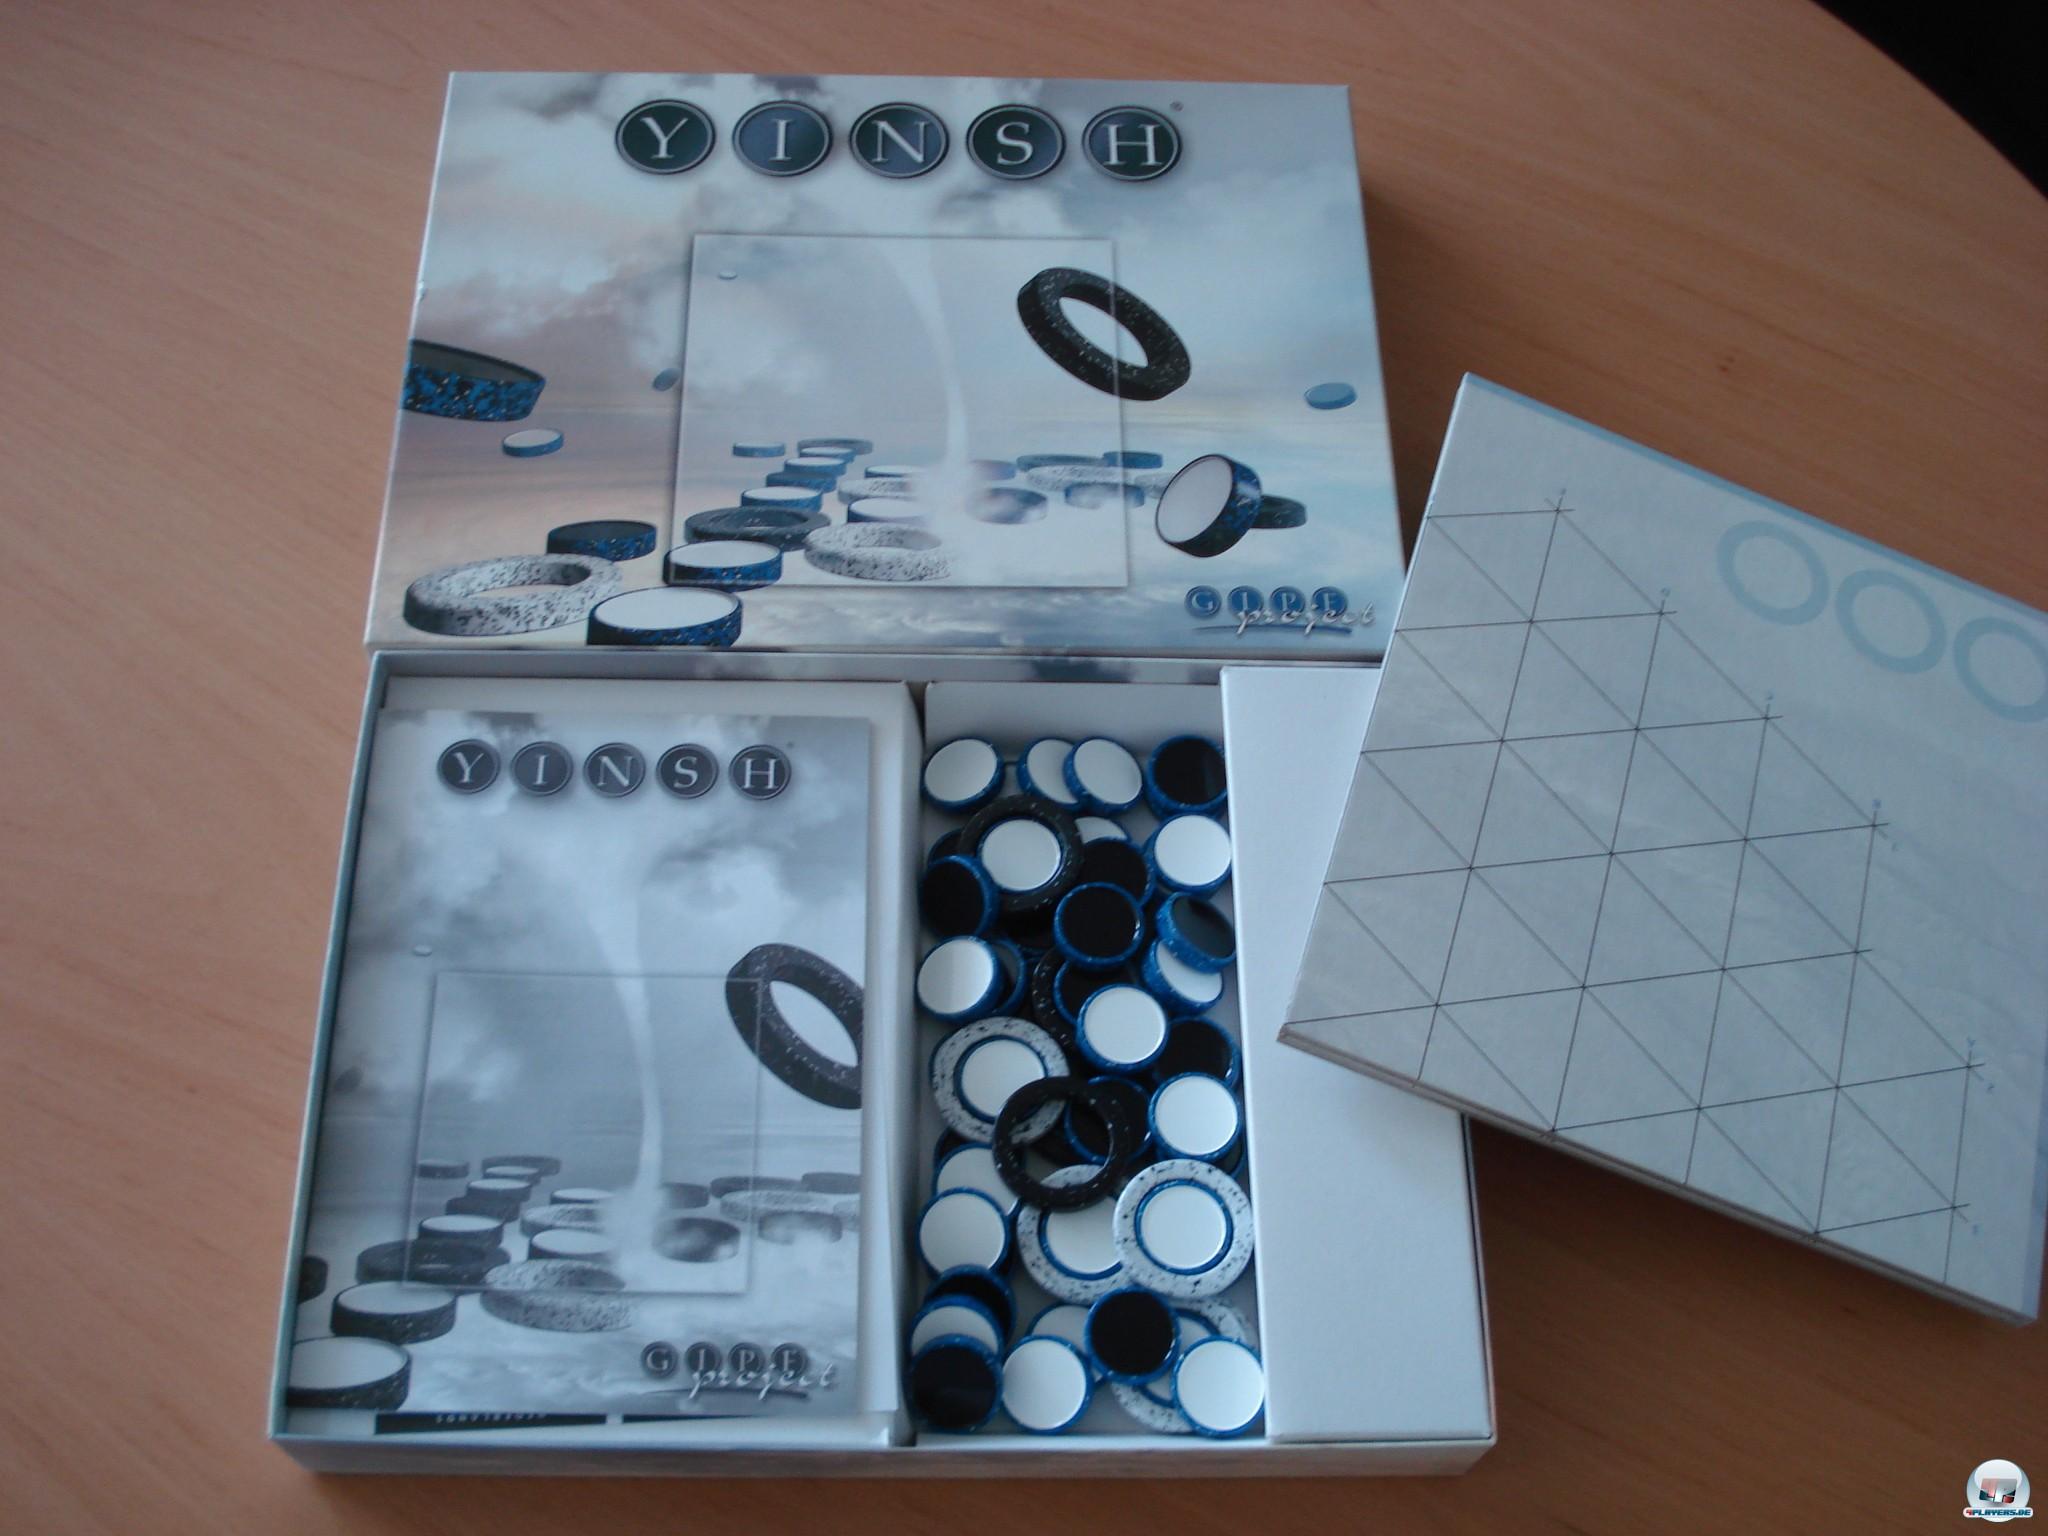 Yinsh ist ein Strategiespiel für zwei Personen, bei Don & Co für knapp 60 Euro erhältlich.